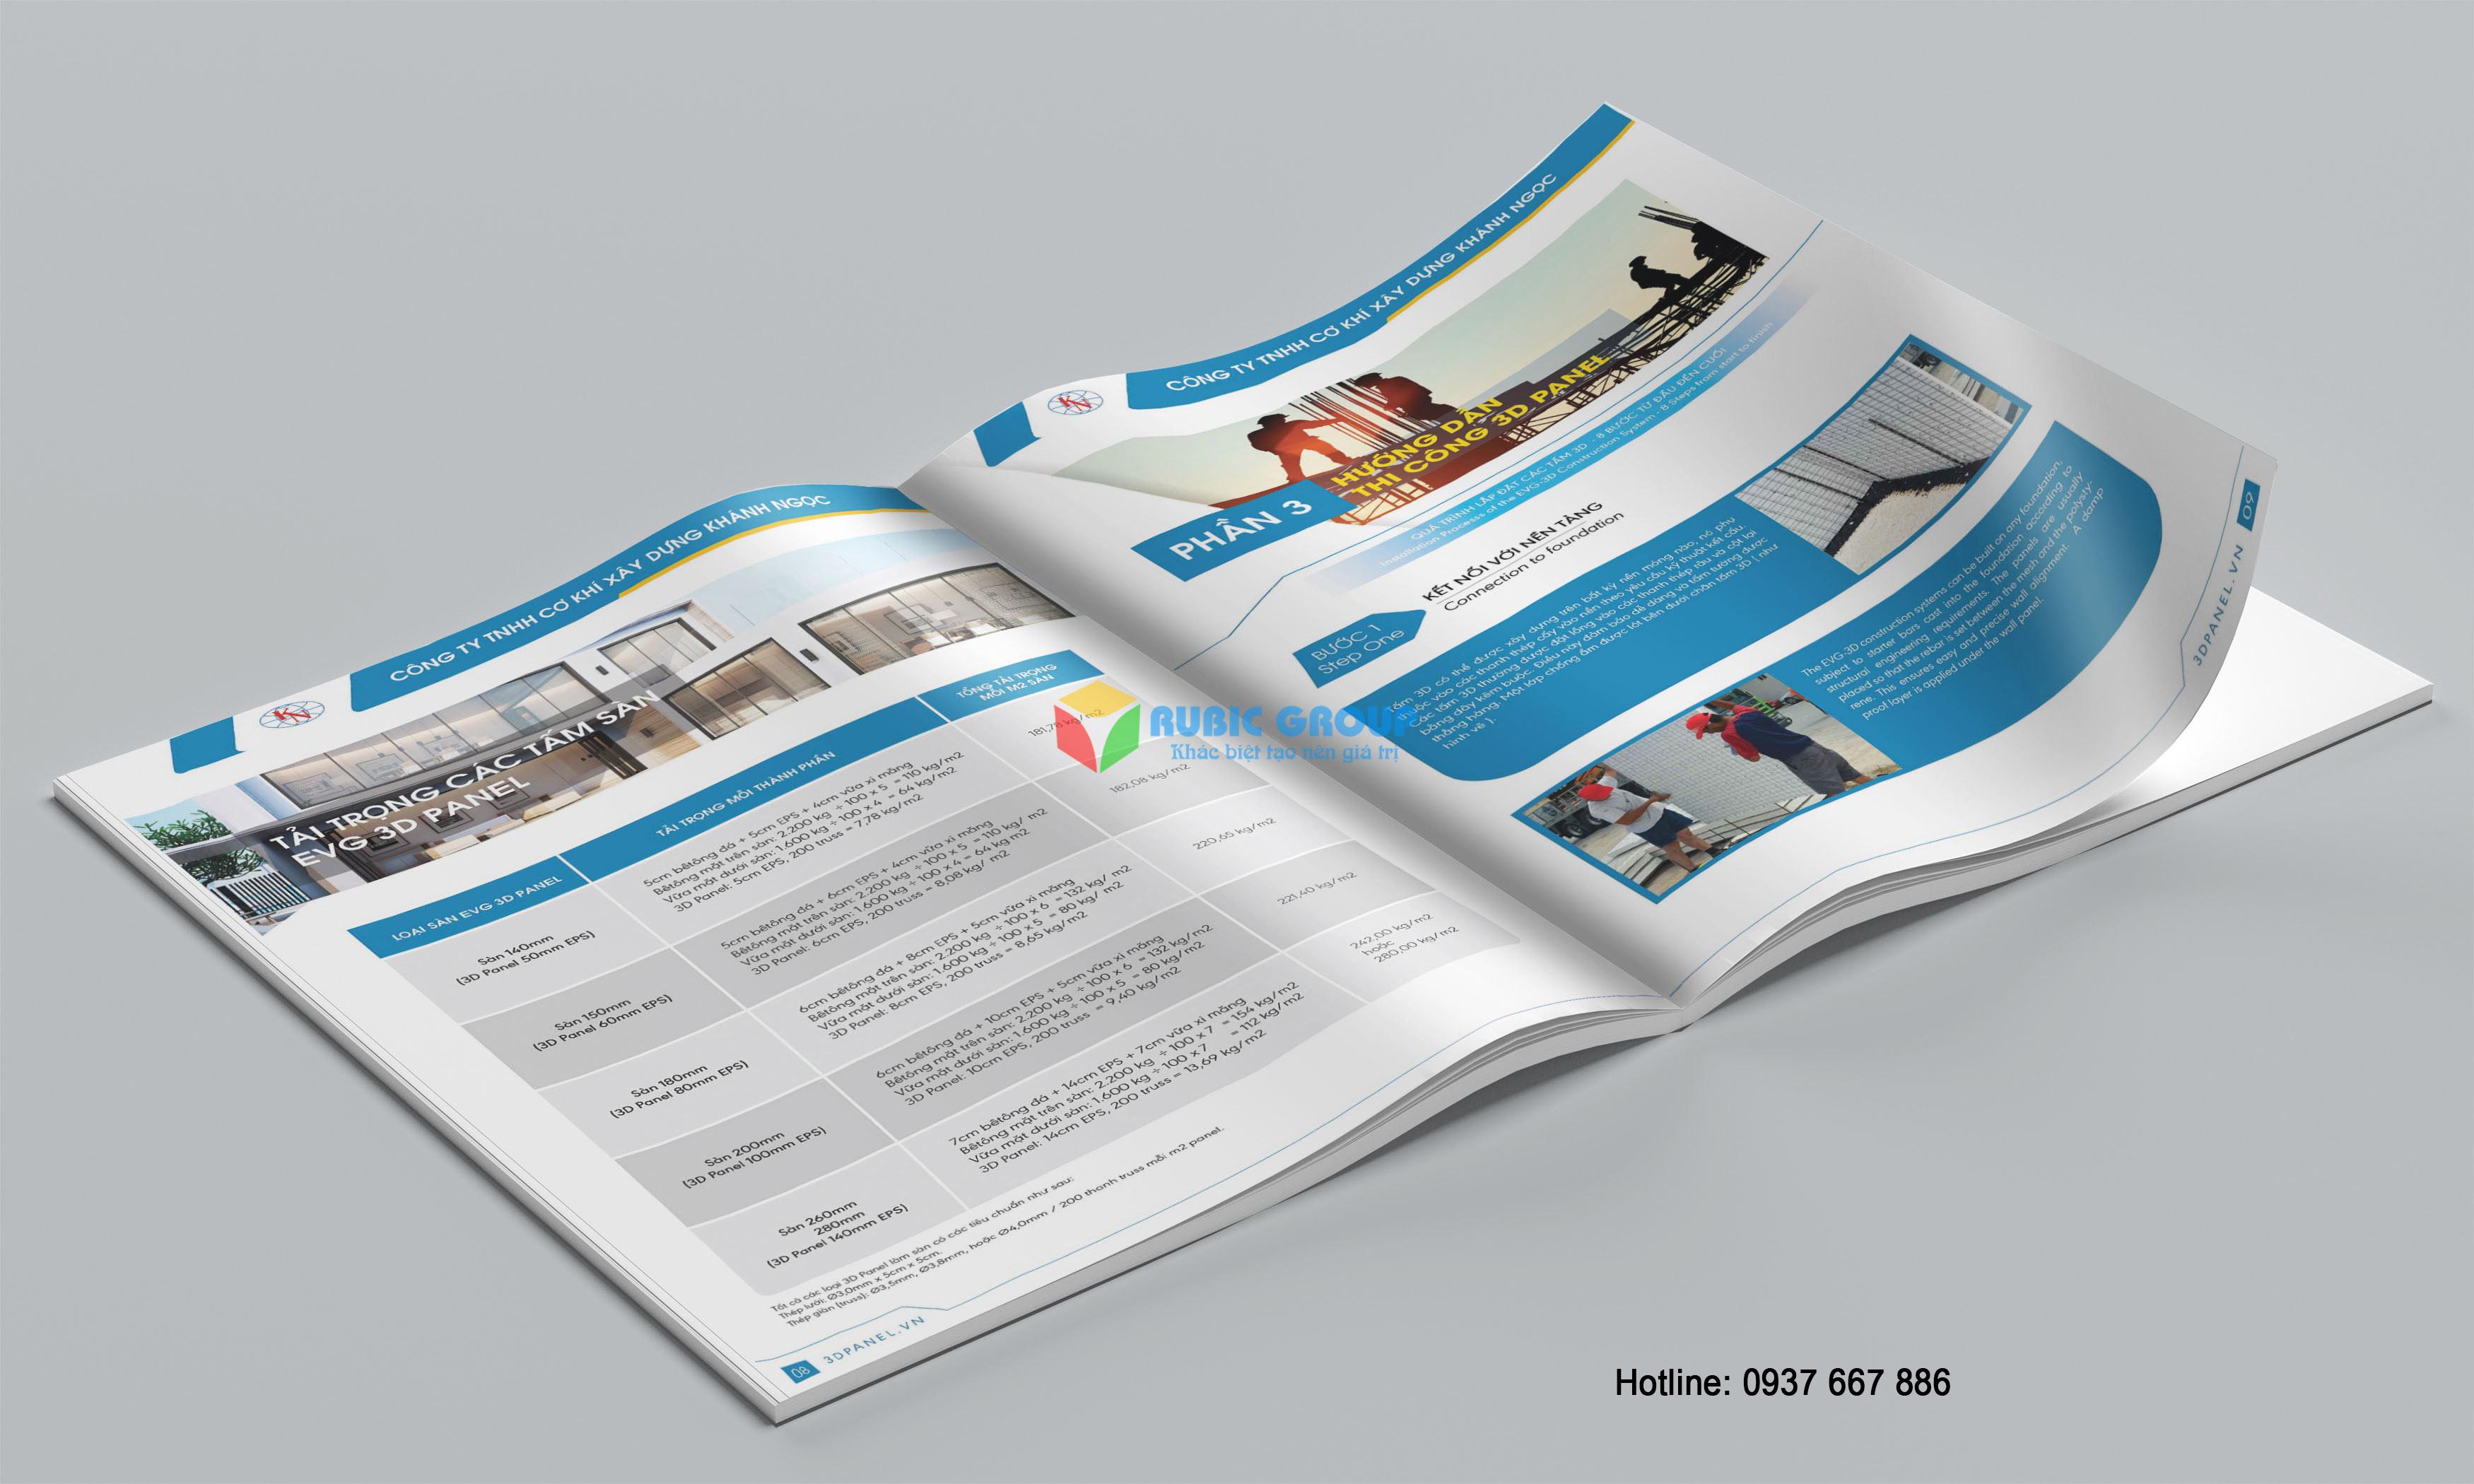 thiết kế catalogue 3dpanel tại biên hoà 4